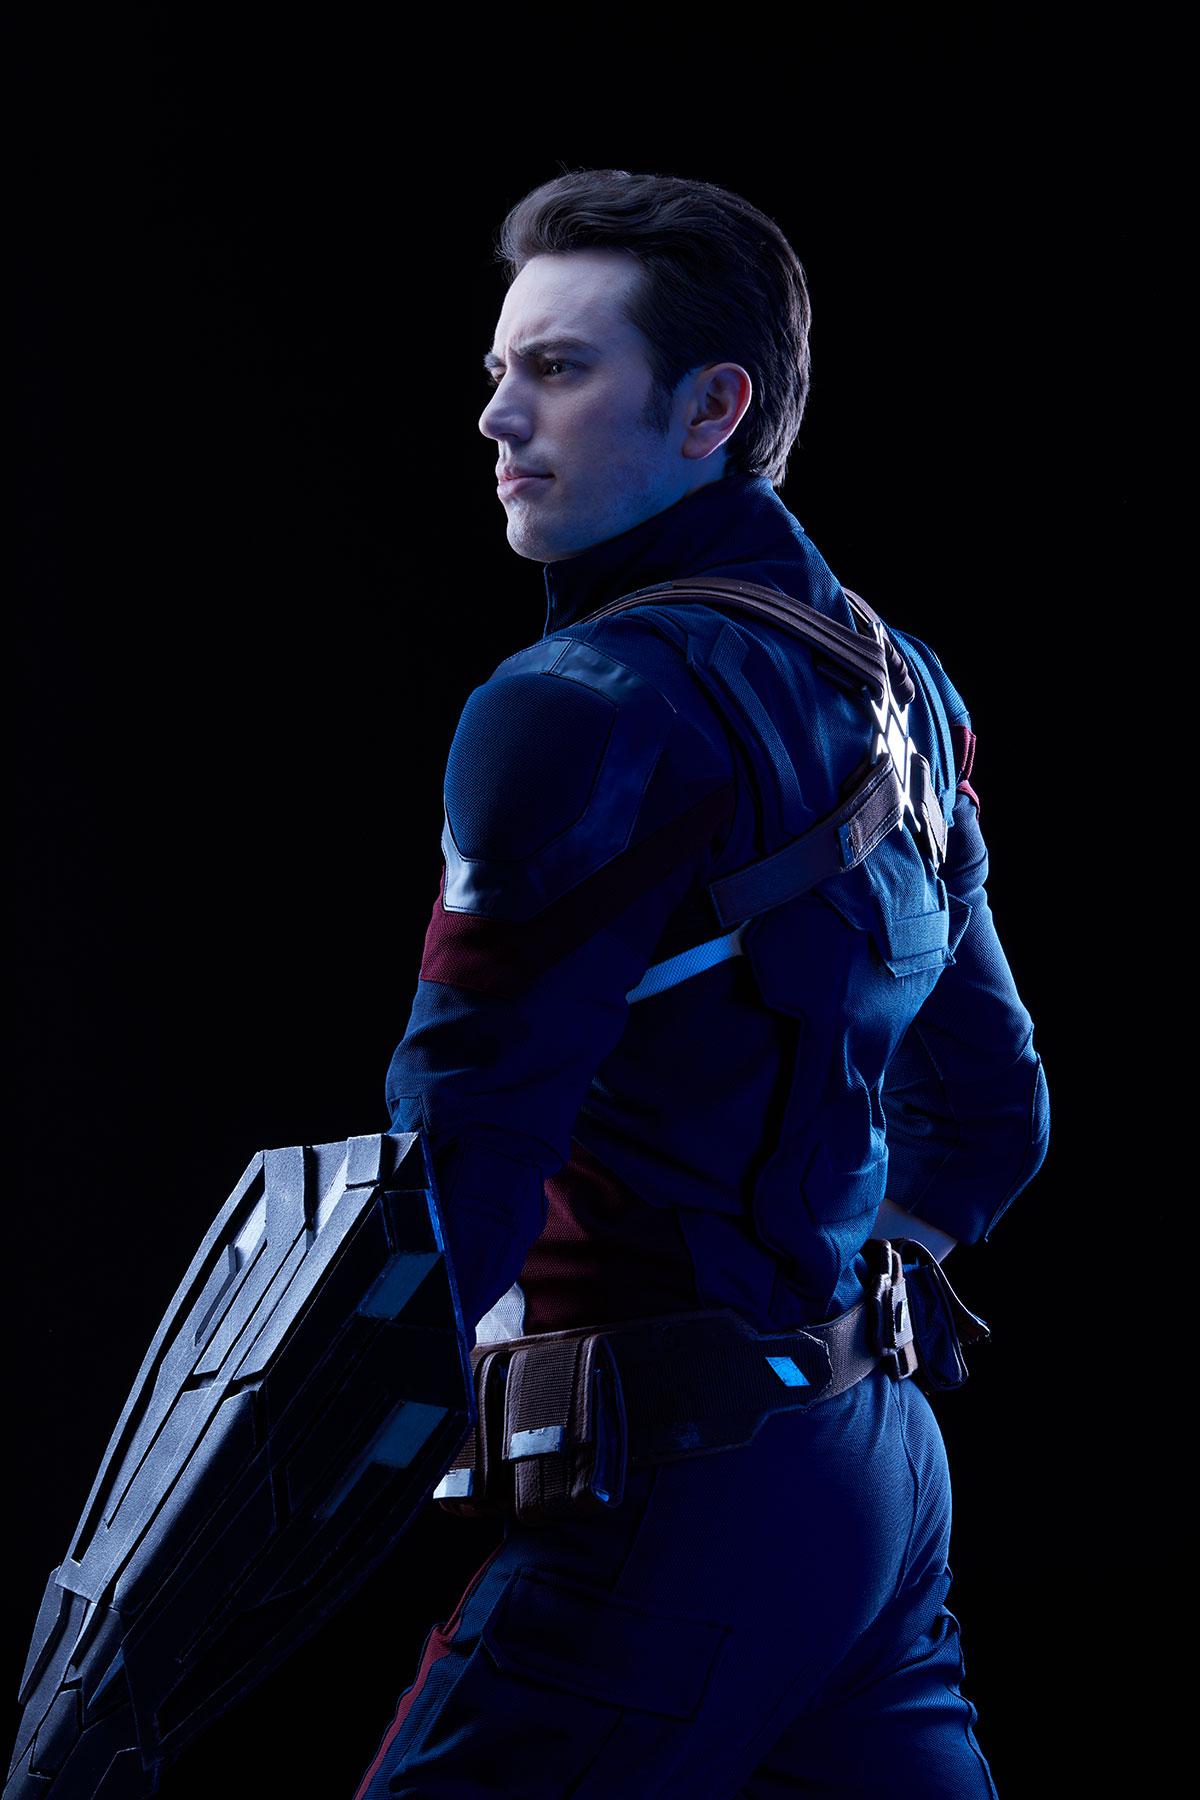 Arthur Sayanoff Captaine America 01 02